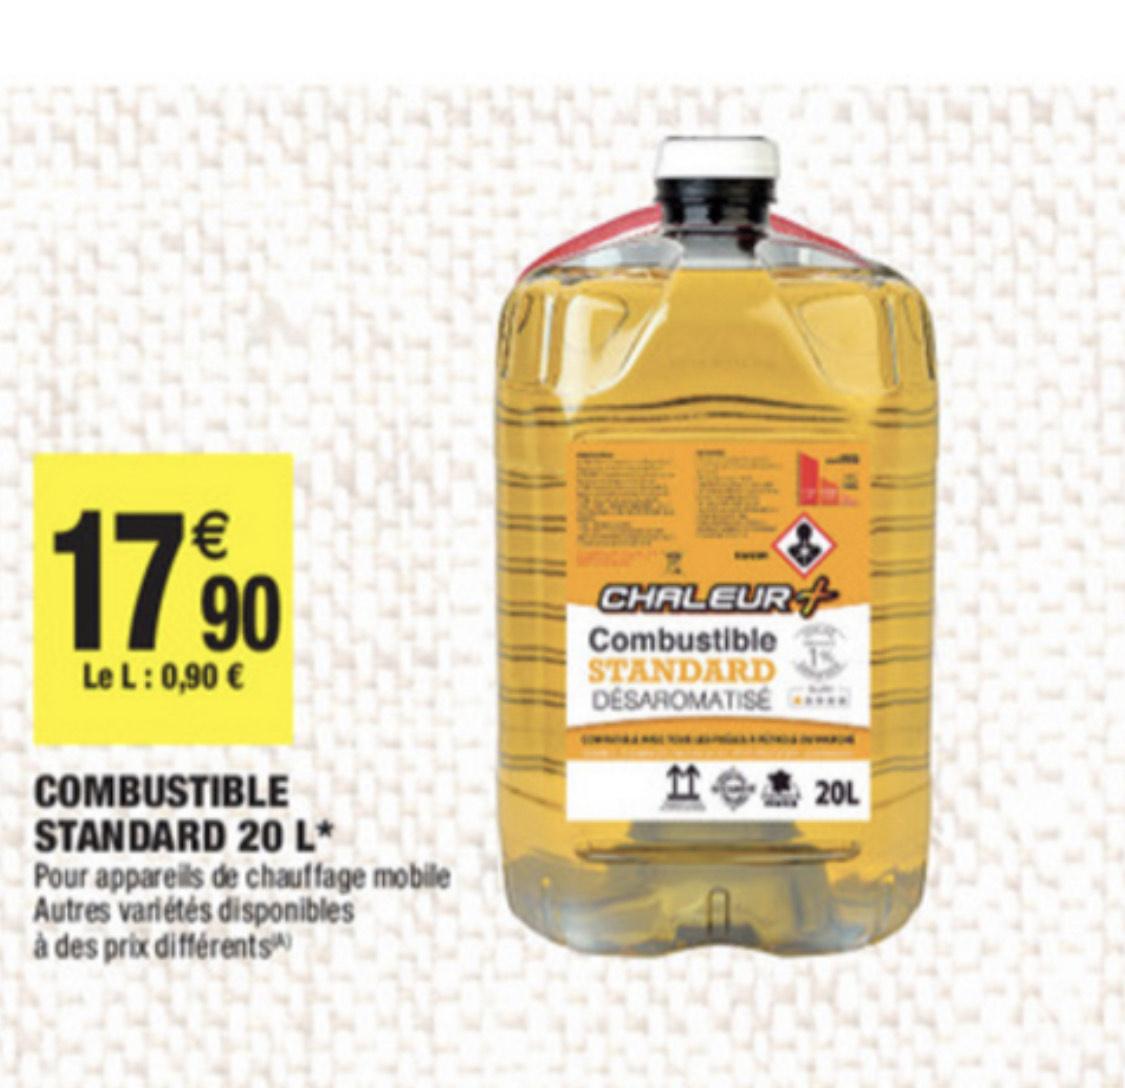 Bidon de combustible pétrole - 20L